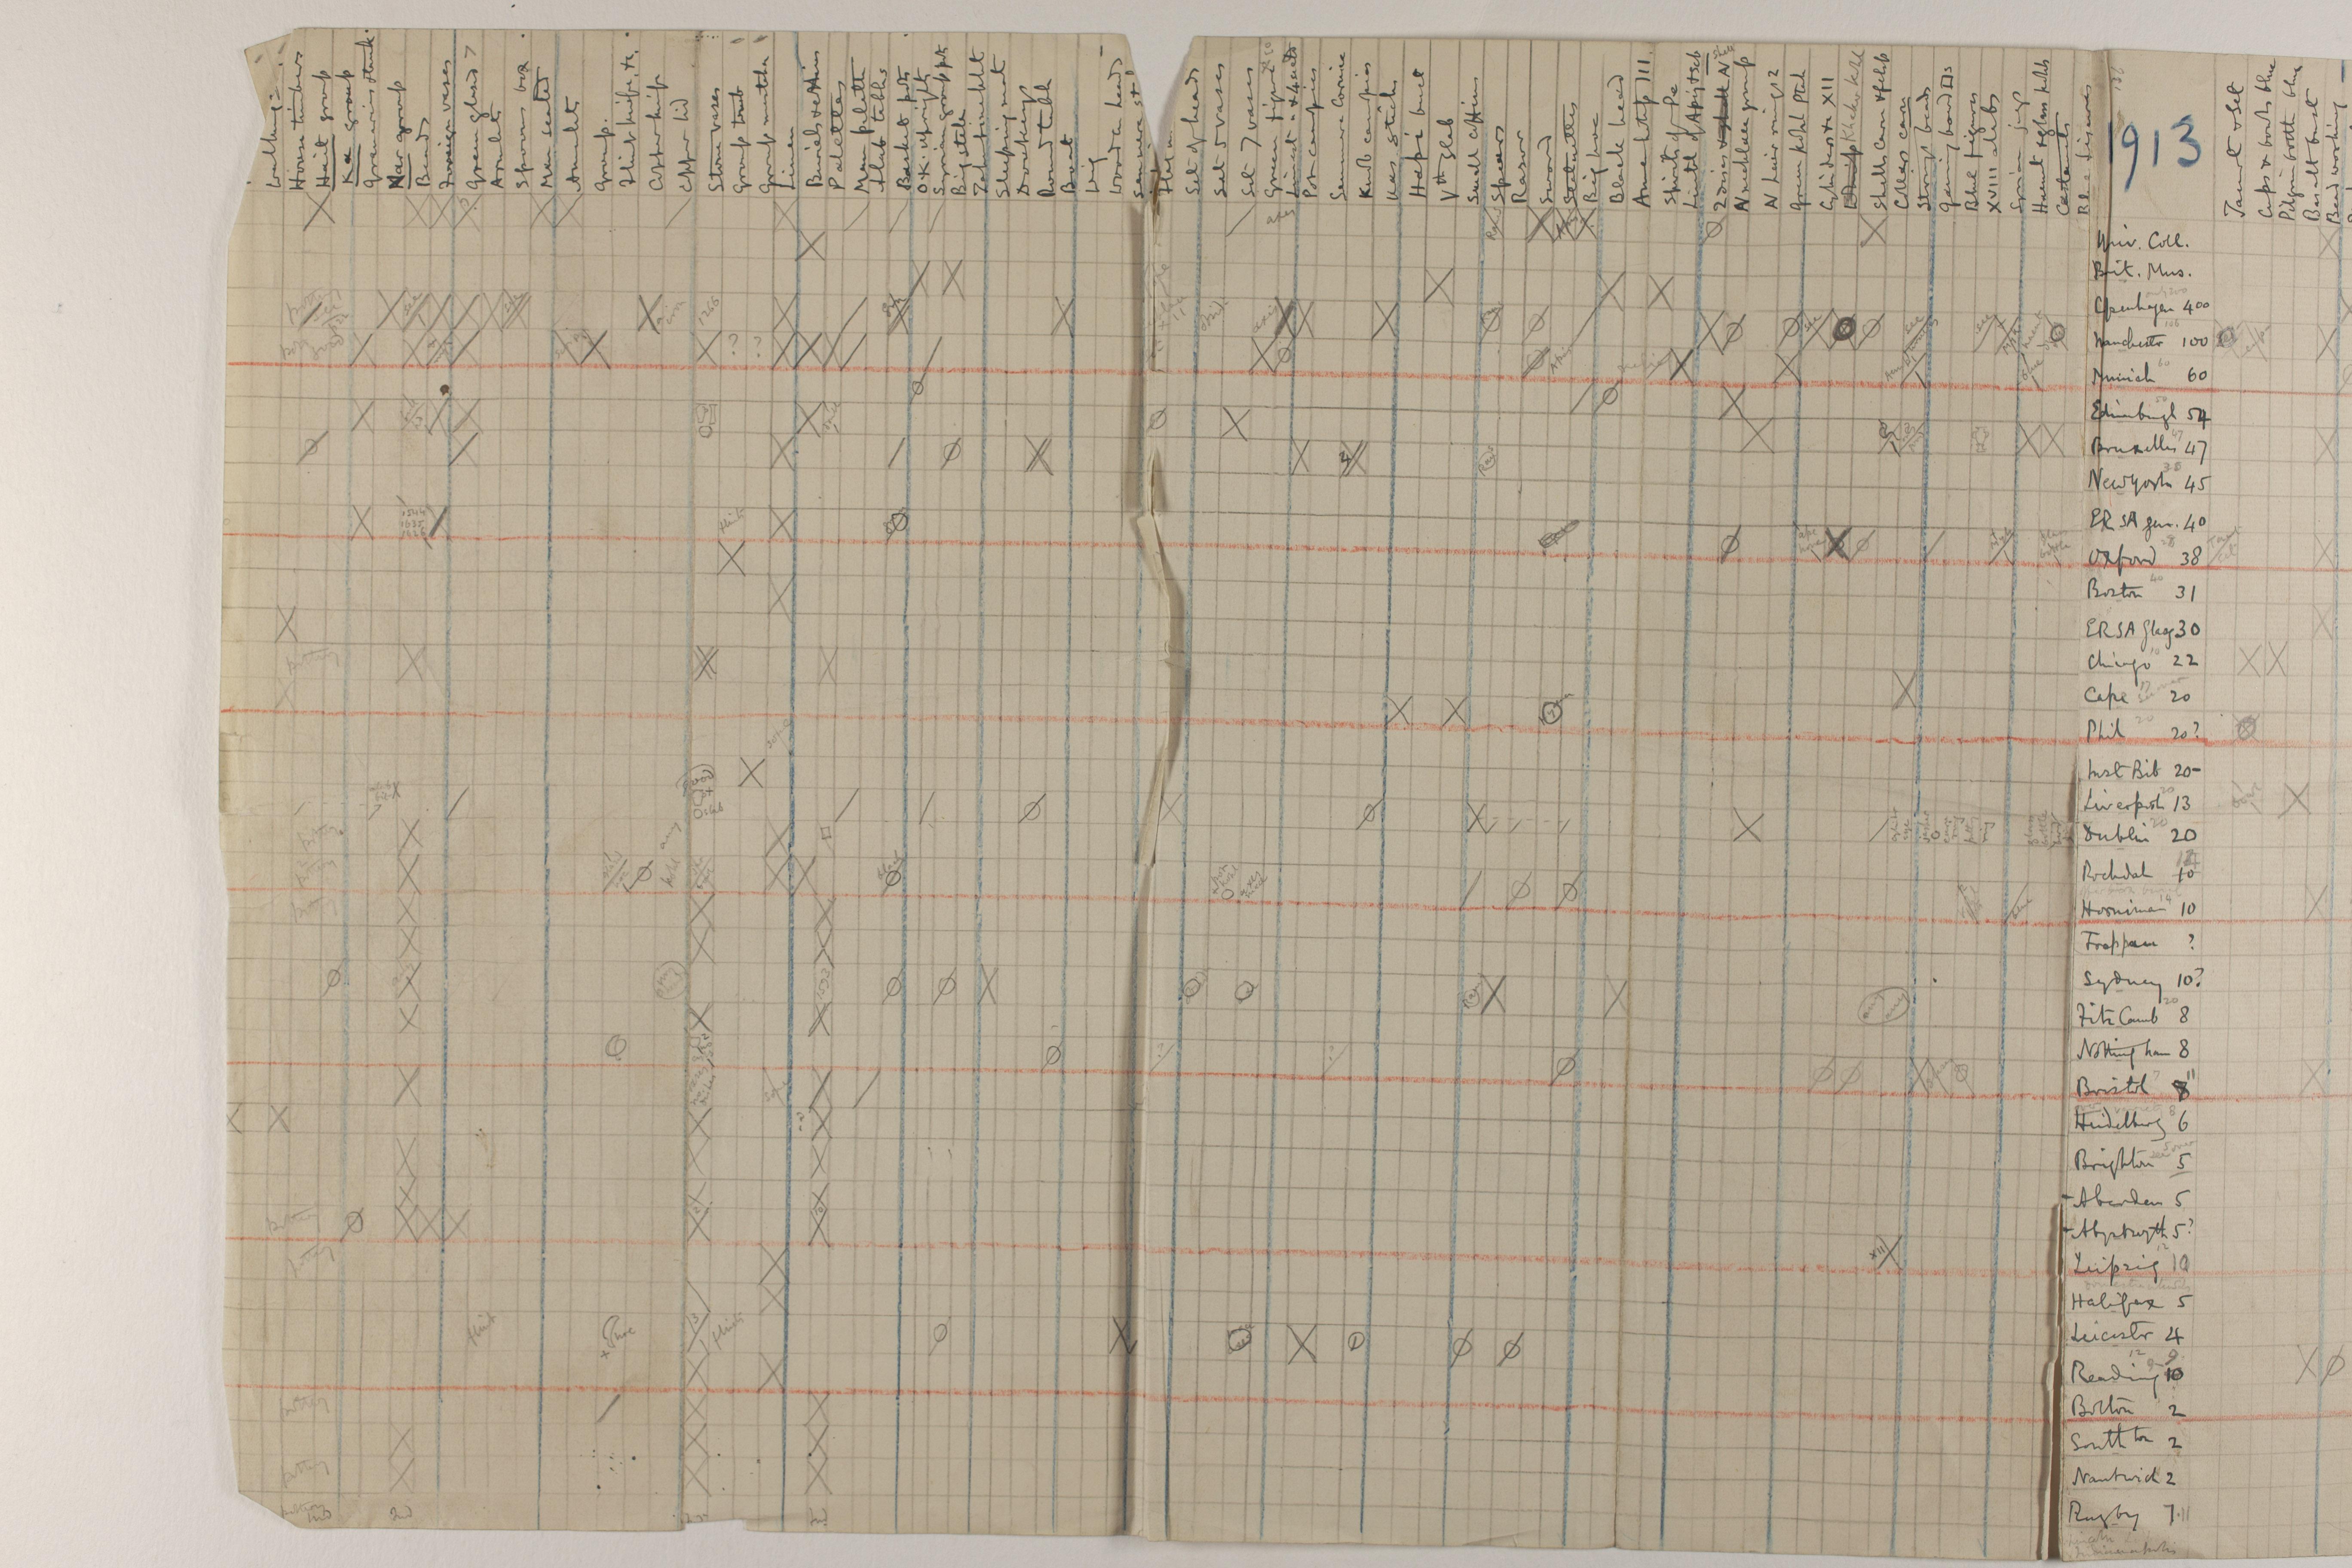 1912-13 Tarkhan, el-Riqqa, Memphis Distribution grid PMA/WFP1/D/21/1.1